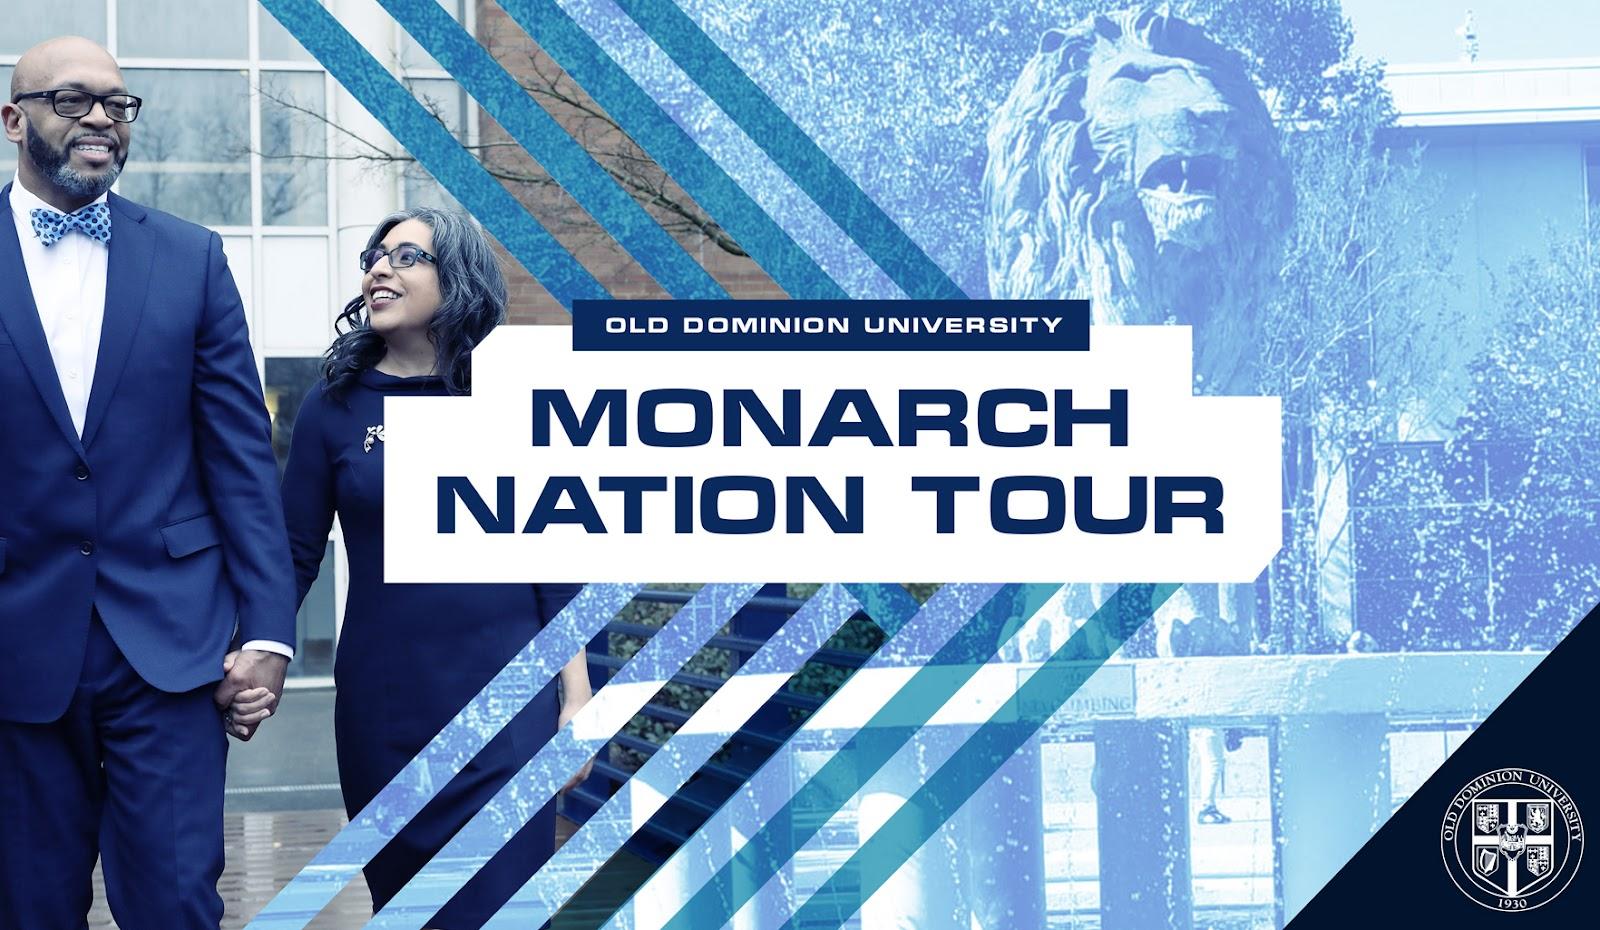 Monarch Nation Tour